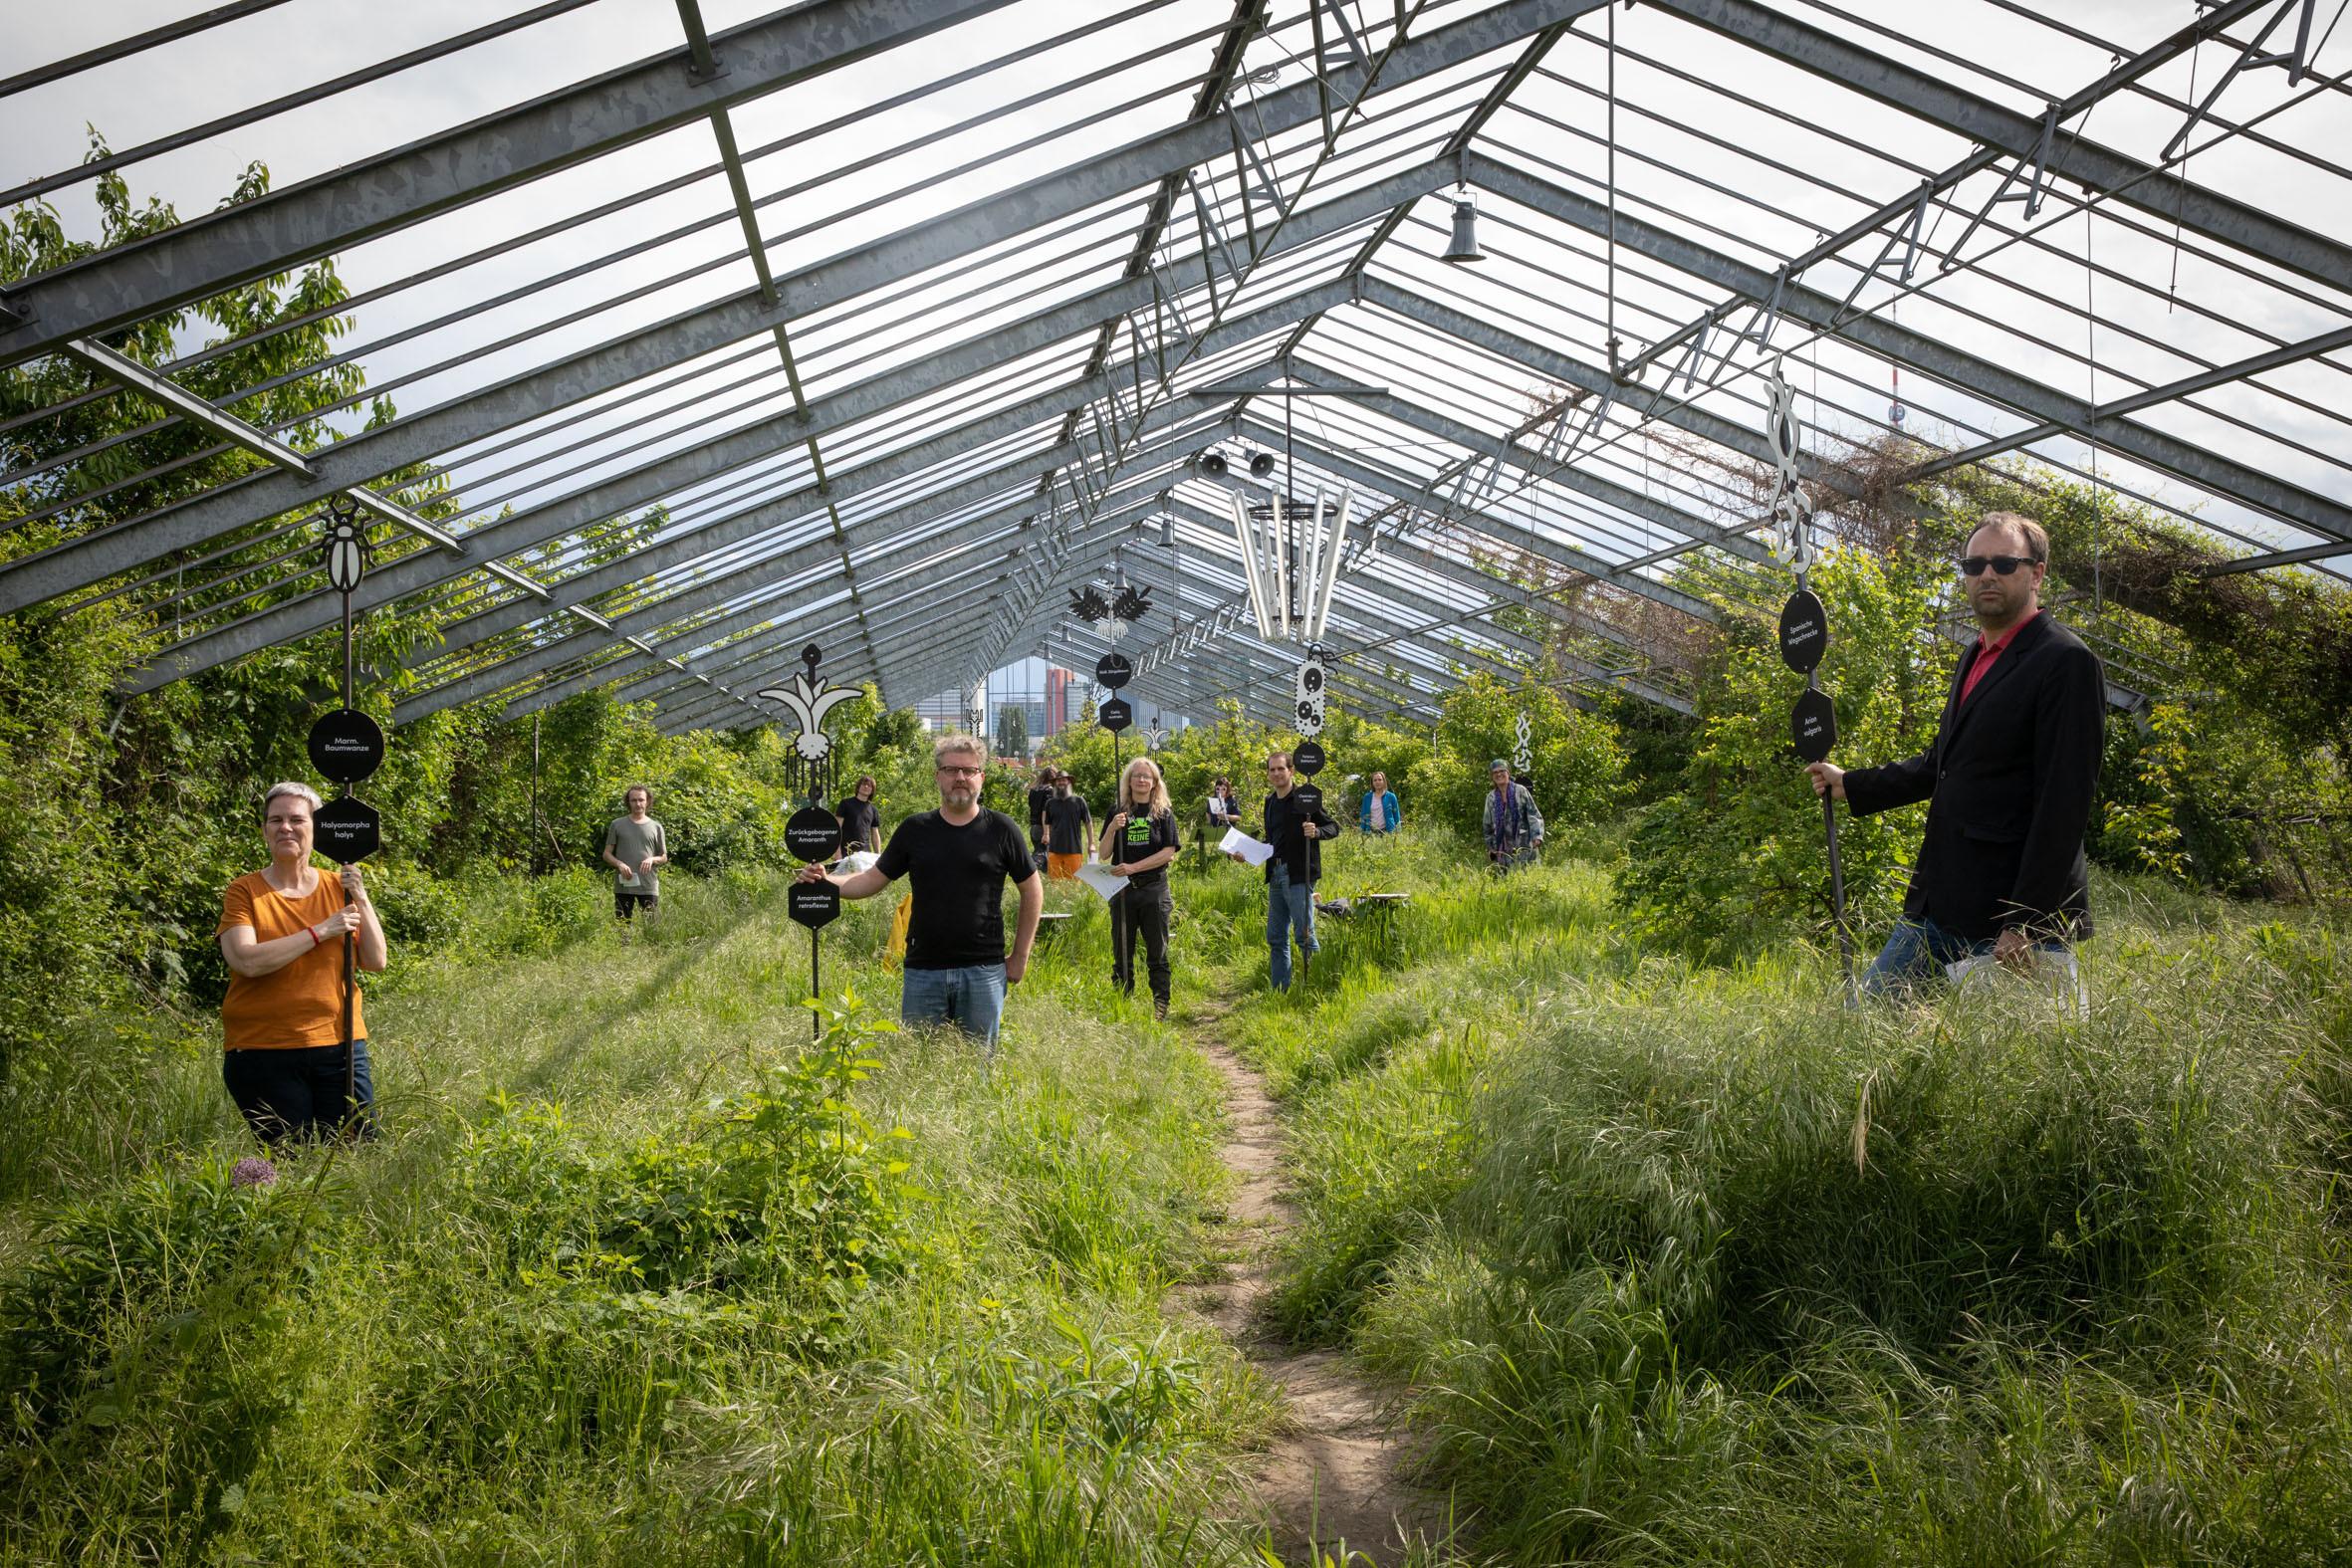 foto.esel.at: Club Real - Jenseits der Natur: Zweite Sitzung des Gartenparlaments (brut & KOER, 11.5.2019, Gewächshaus im Floridsdorfer Donaufeld, Nordmanngasse 60)